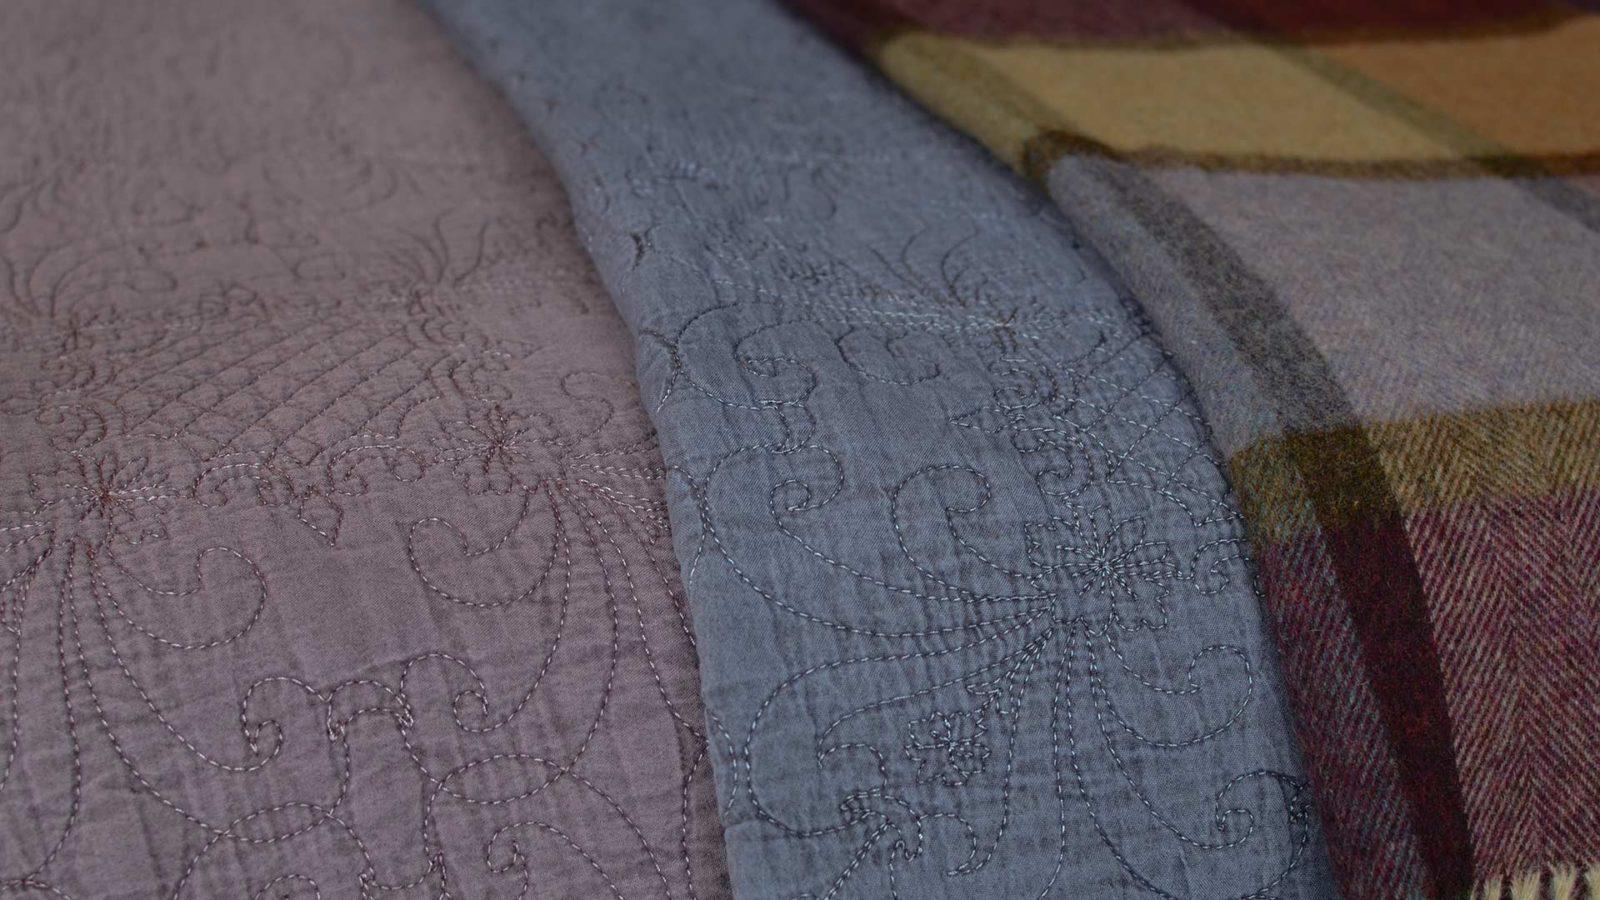 stonewash-quilts-navy-&-plum